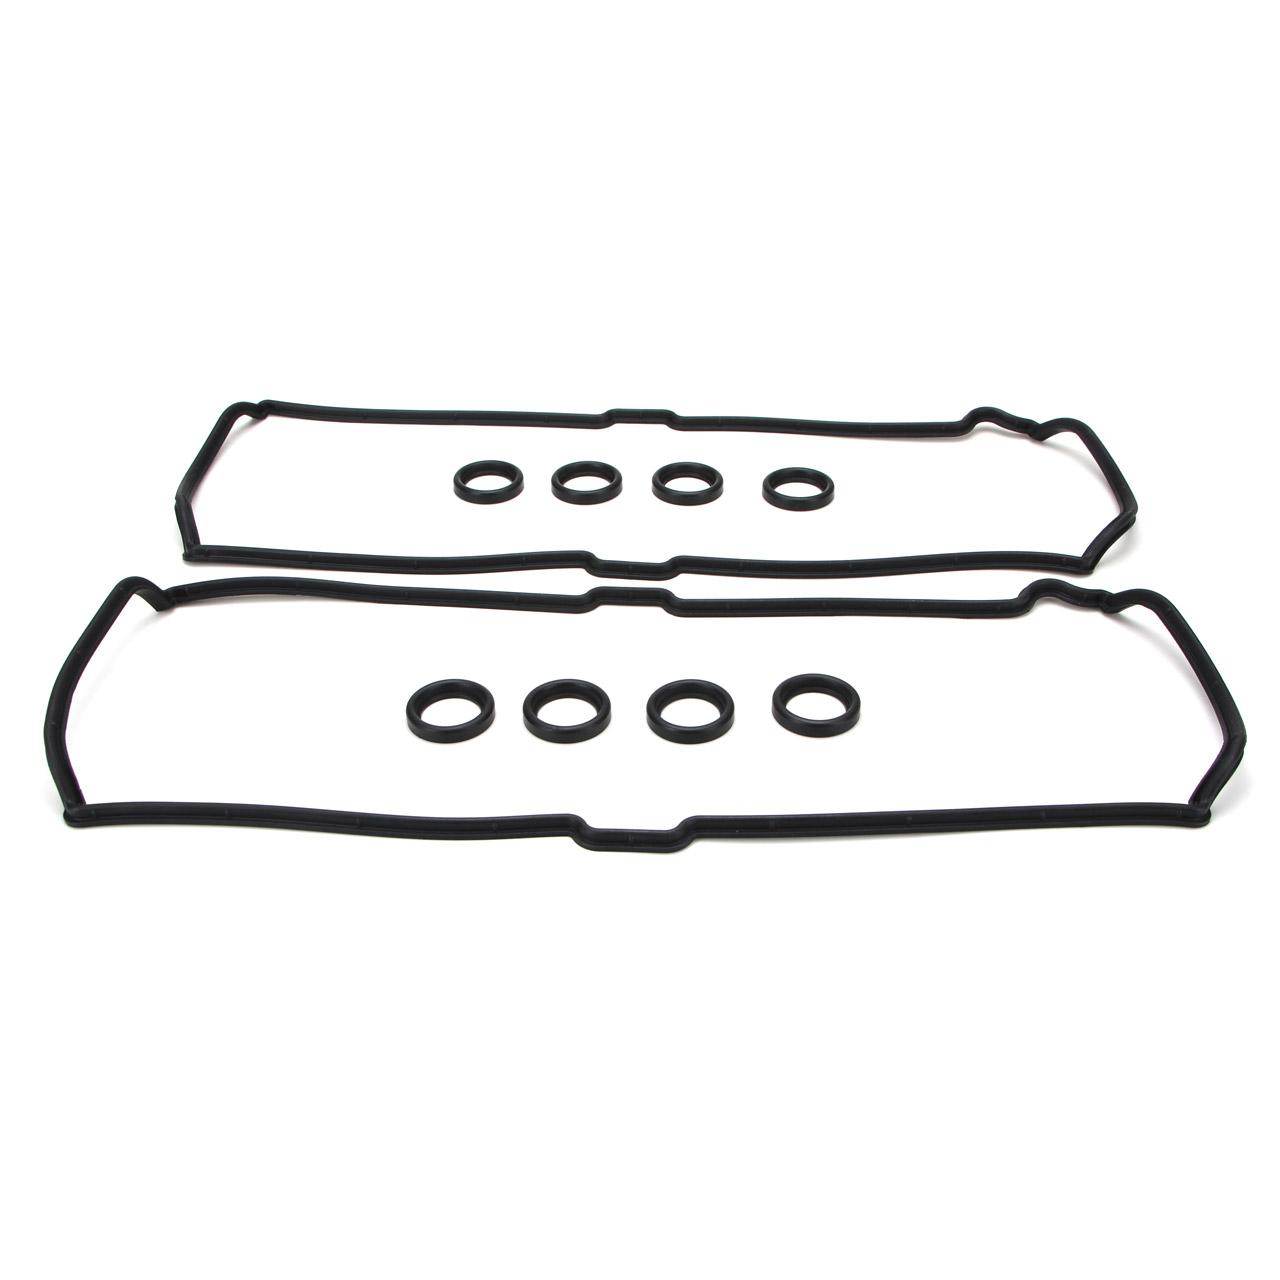 2x Ventildeckeldichtung + Kerzenschaftdichtung PORSCHE 928 S / GT 944 S / S2 968